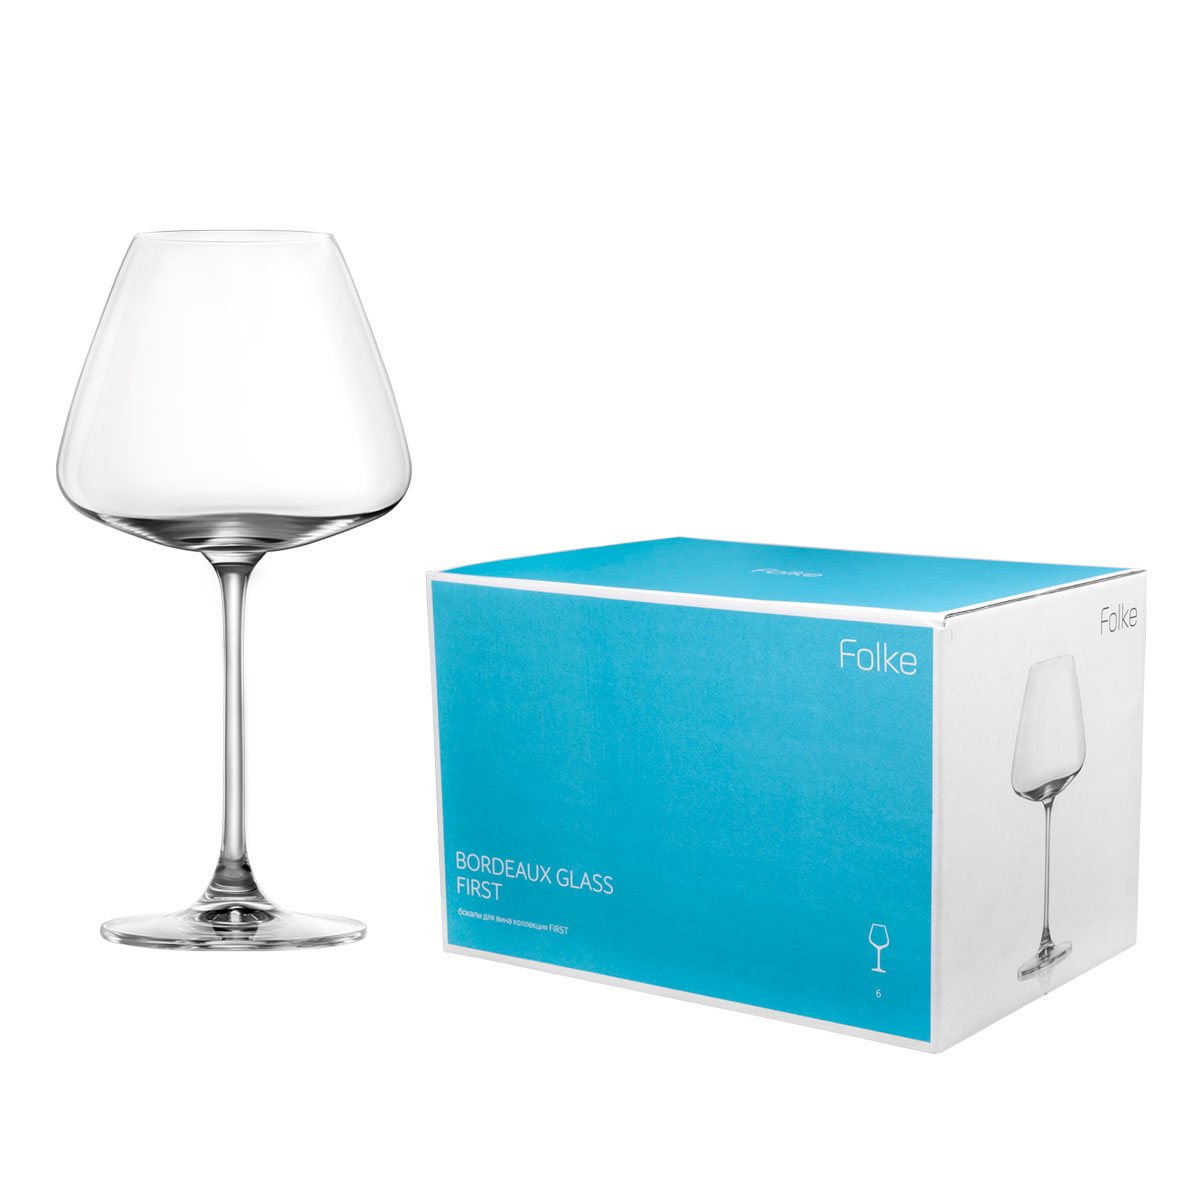 Набор бокалов для вина Folke Bordeux Glass, 590 мл, 6 предметов. 2007172UVT-1520(SR)Коллекция First- это бокалы из бессвинцового хрусталя высшего качества. Наша продукция отличается исключительной чистотой и повышенной устойчивостью к механическим повреждениям. Улучшенные характеристики изделий позволяют использовать их повседневно в домашних условиях и в ресторанном бизнесе. Оригинальный дизайн позволяет любому напитку полностью раскрыться и заиграть новыми красками. Это поистине уникальное творение современных технологий и многолетнего опыта лучших мировых сомелье.